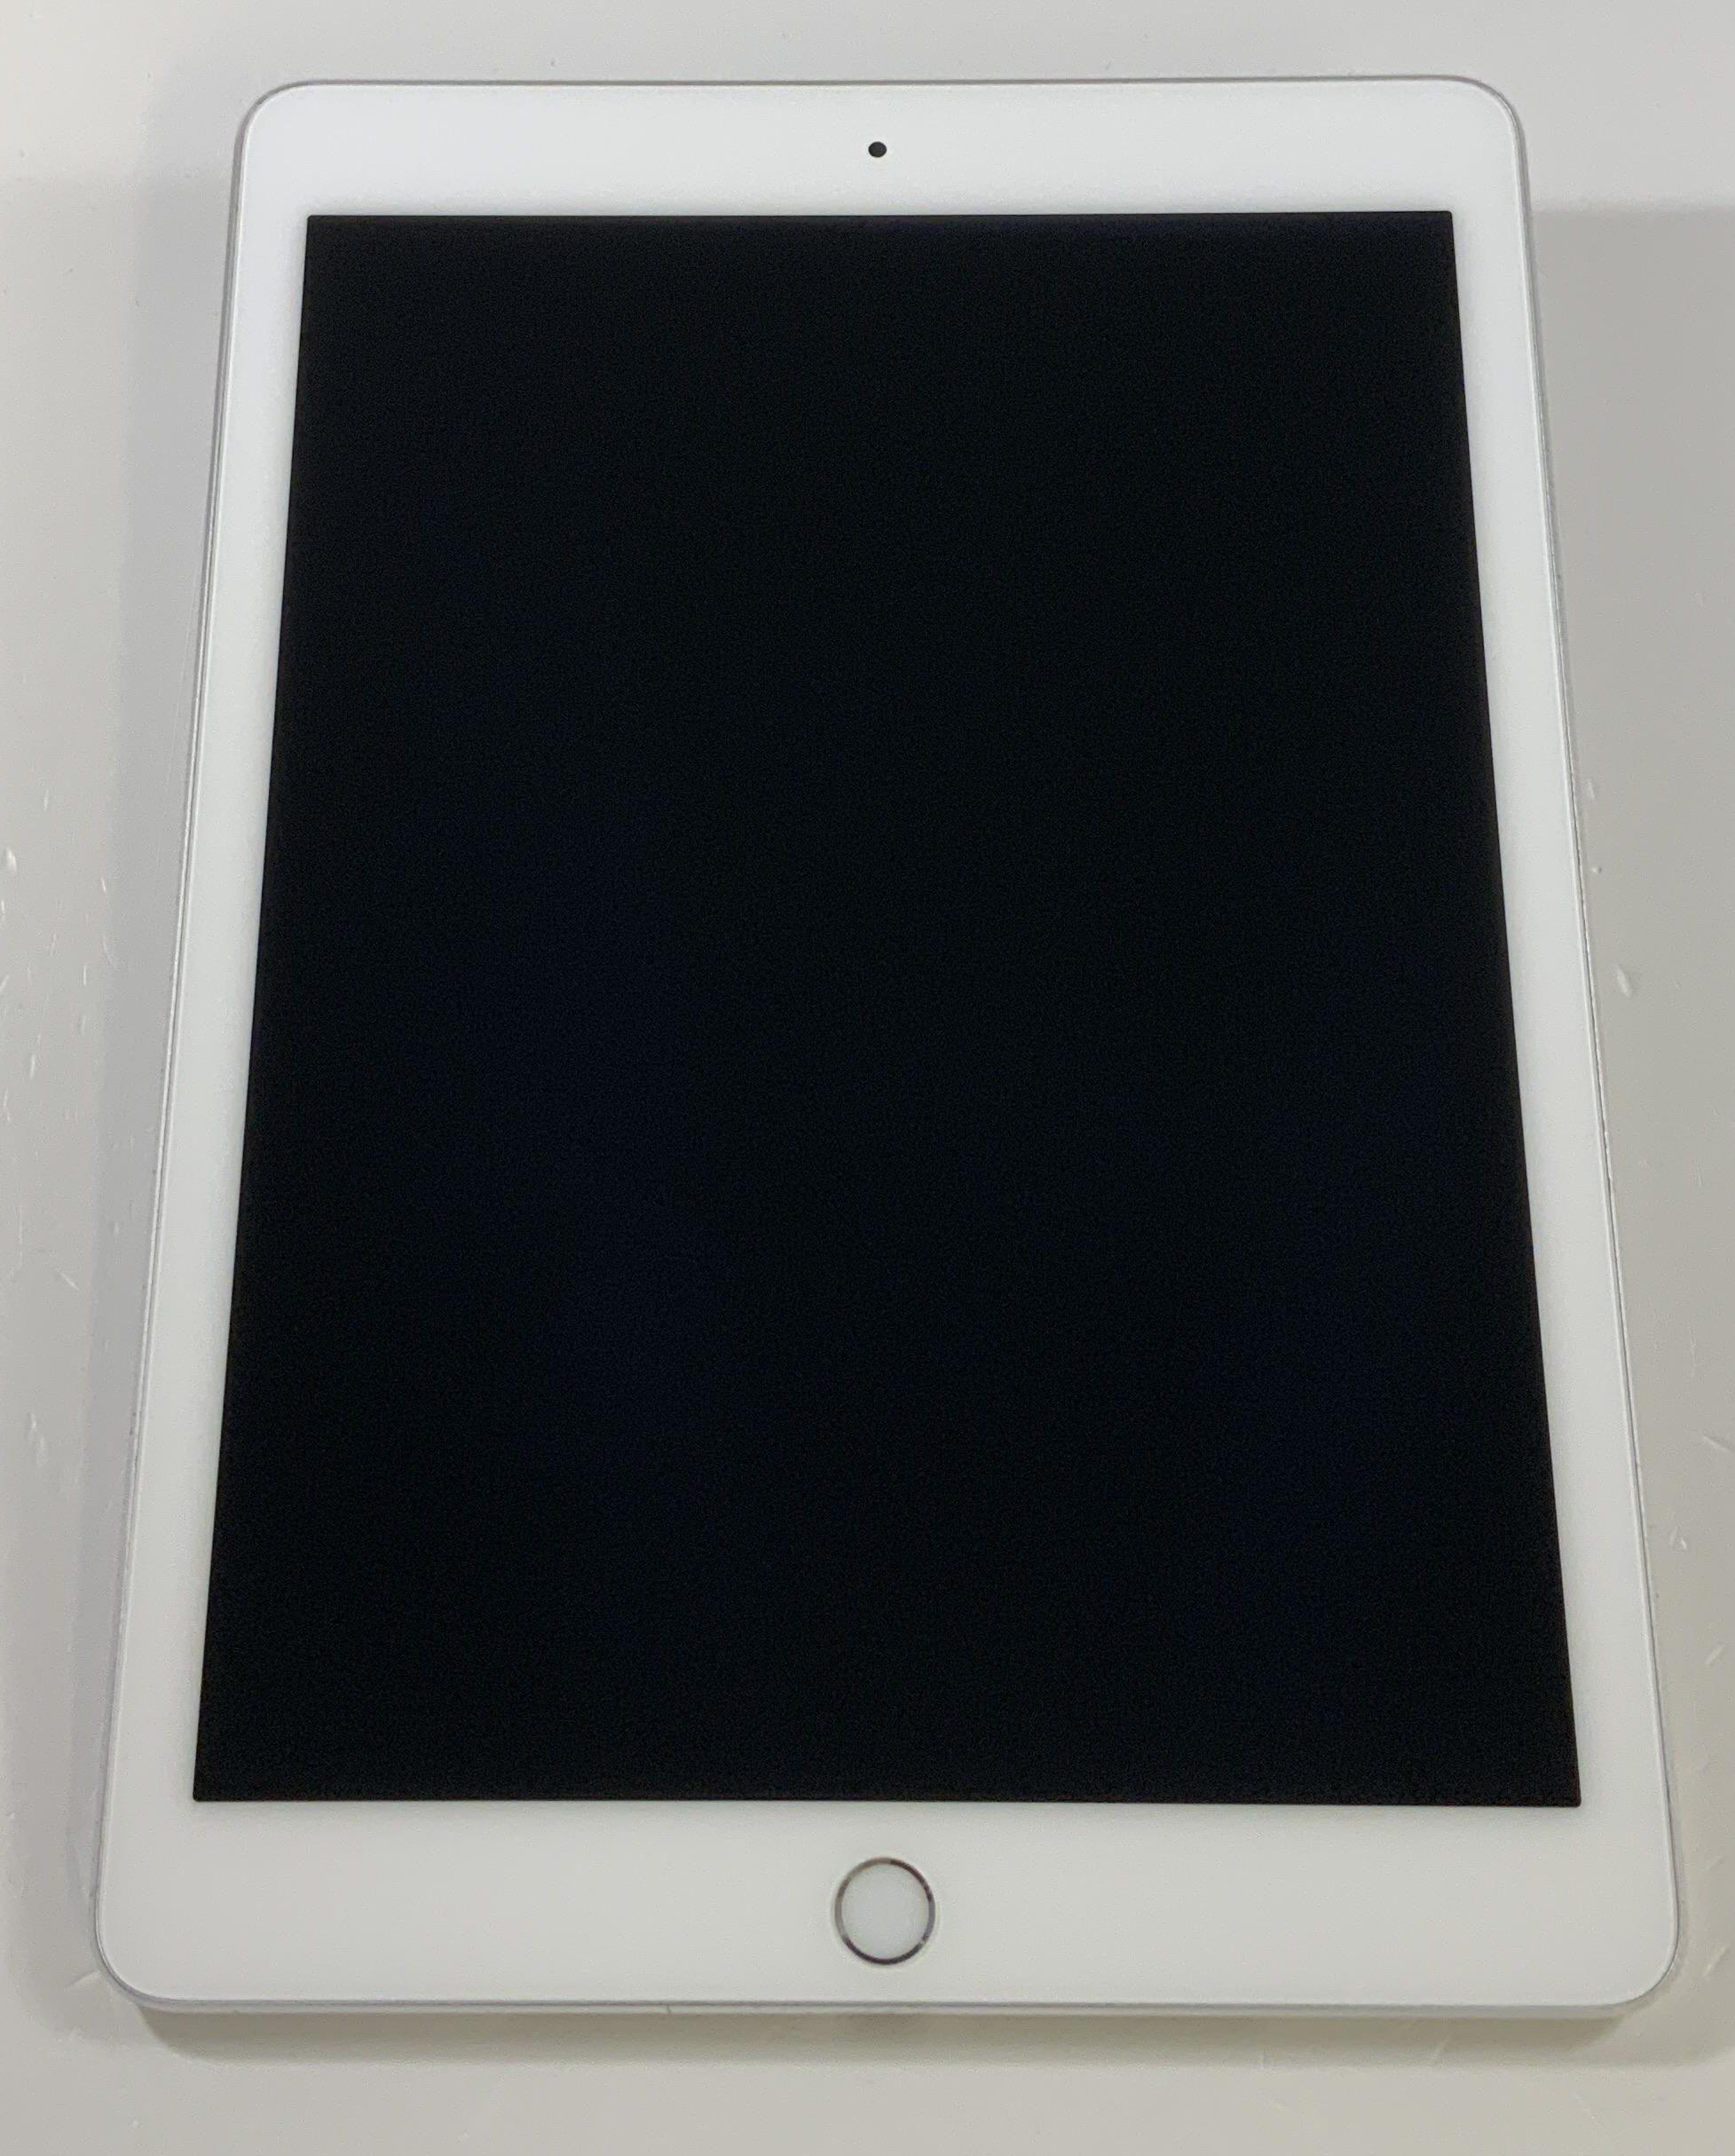 iPad Air 2 Wi-Fi 128GB, 128GB, Silver, image 1